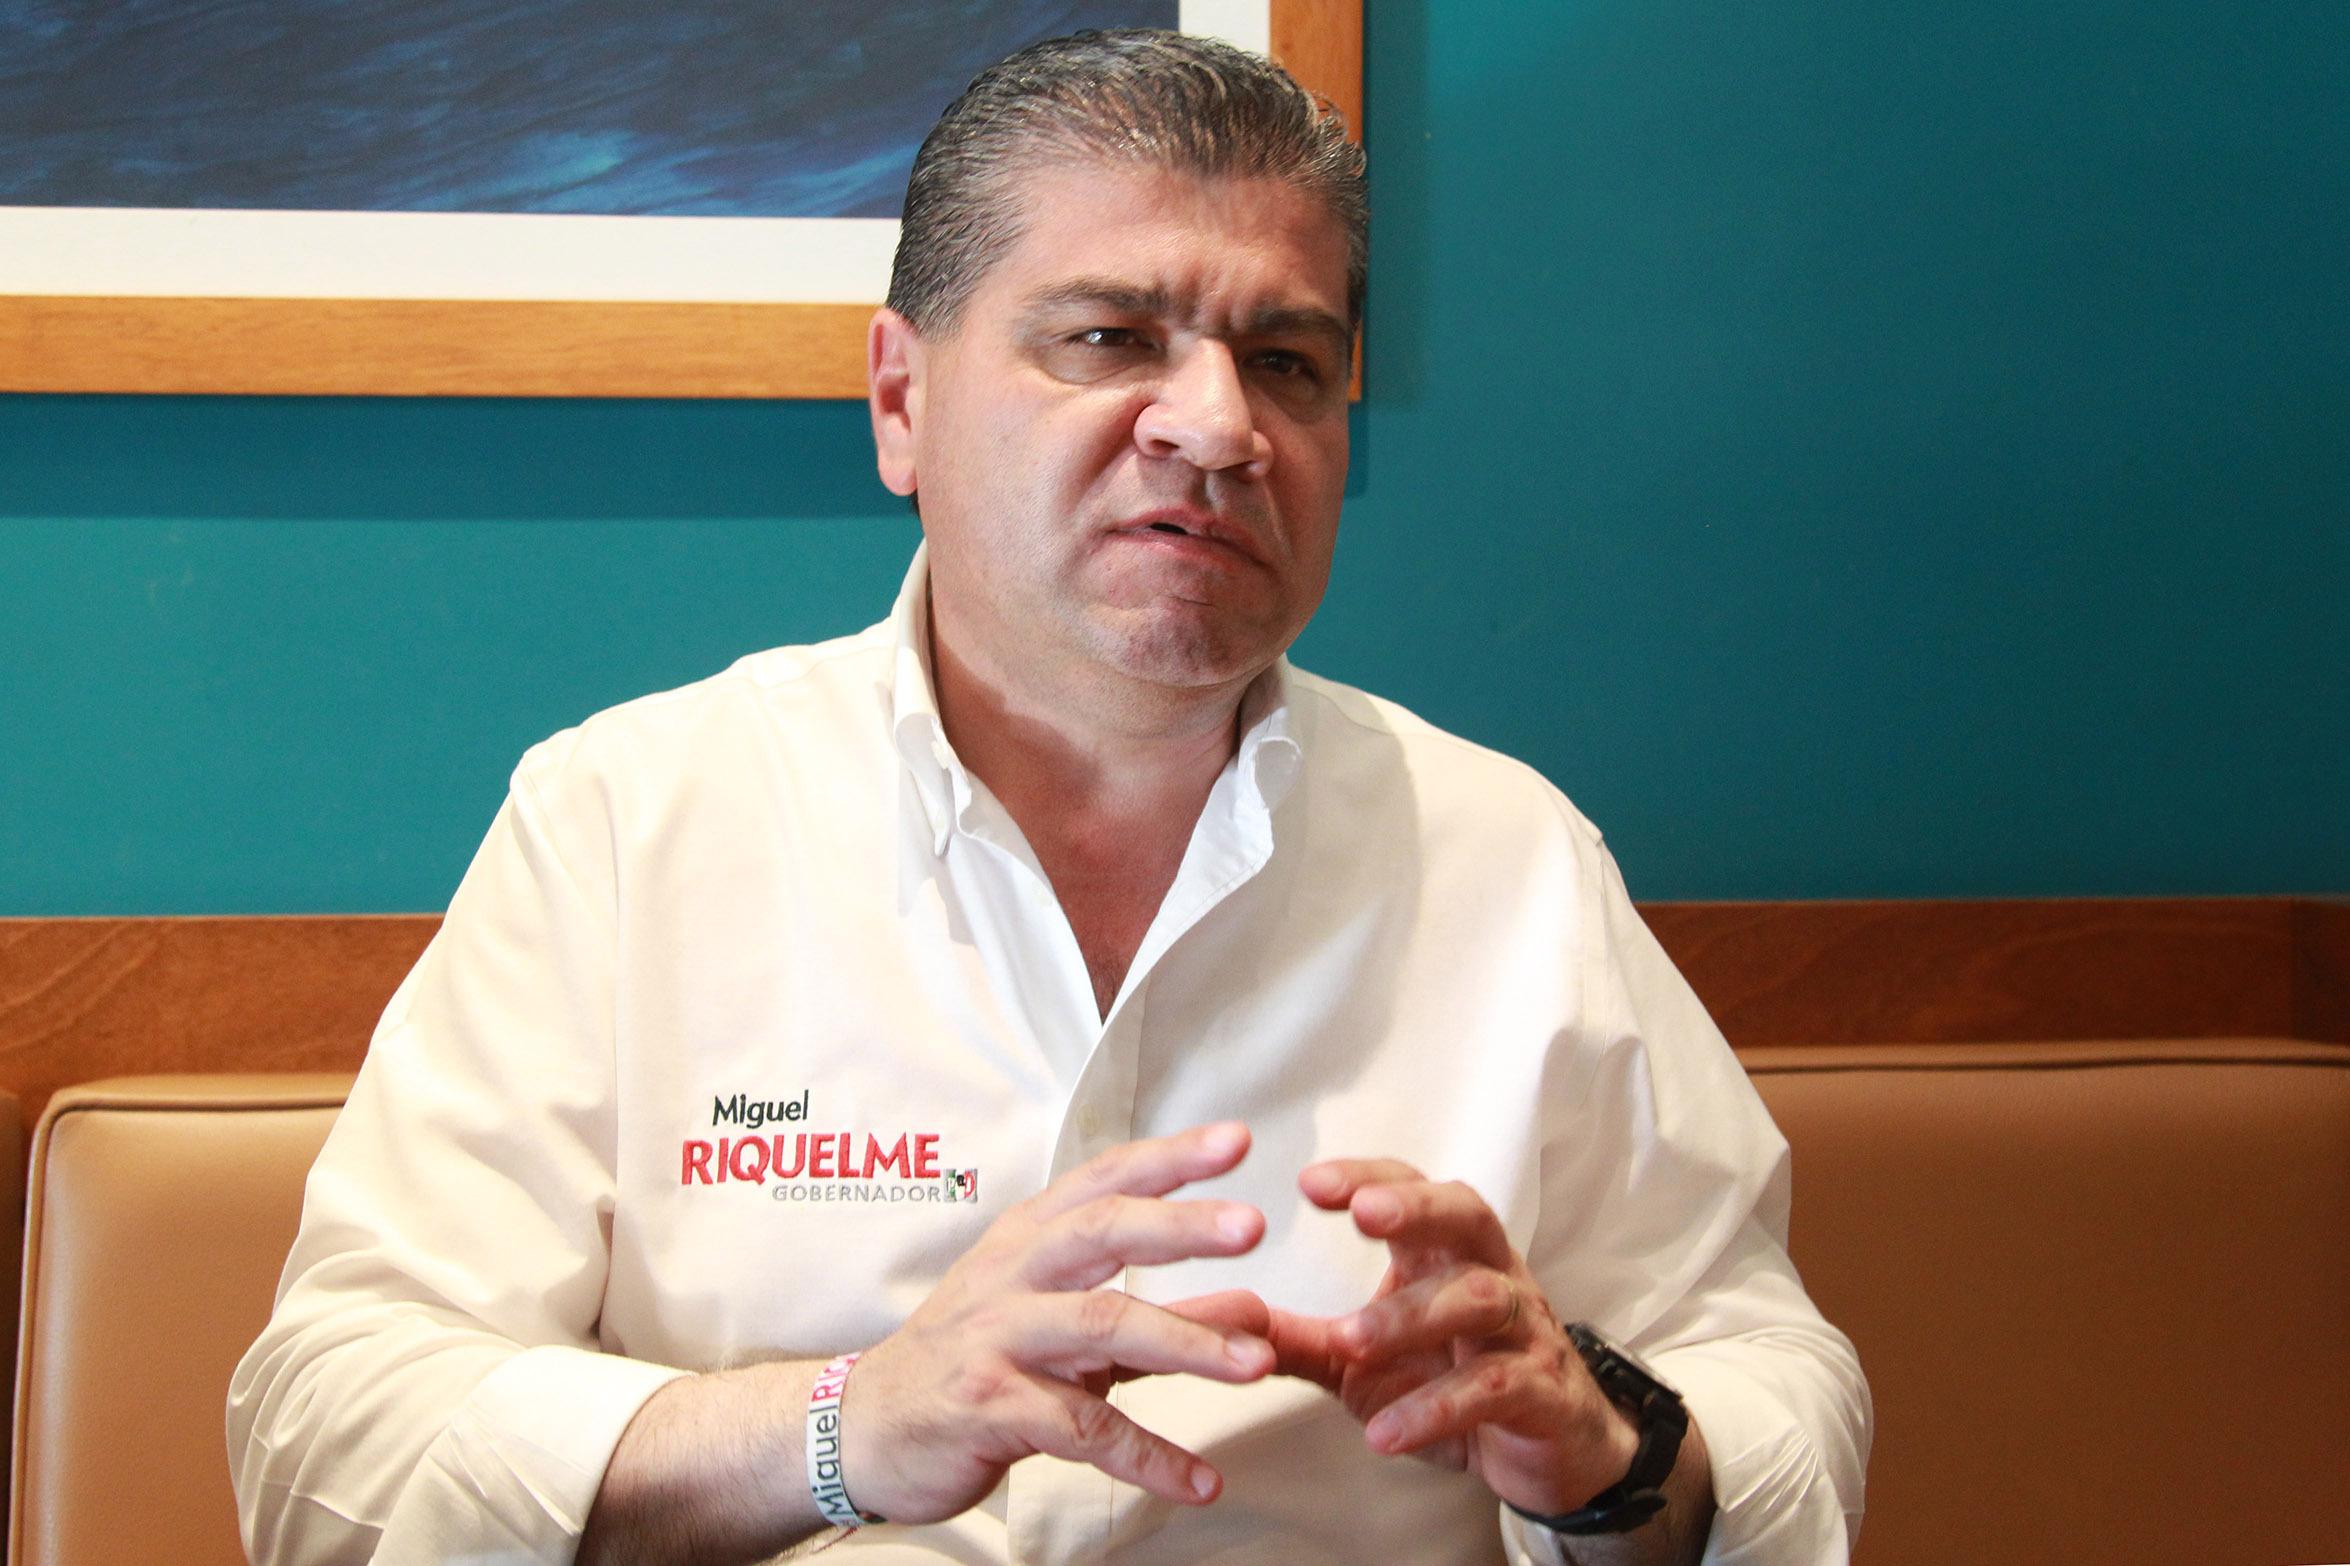 Cómputo da triunfo a Miguel Riquelme en Coahuila